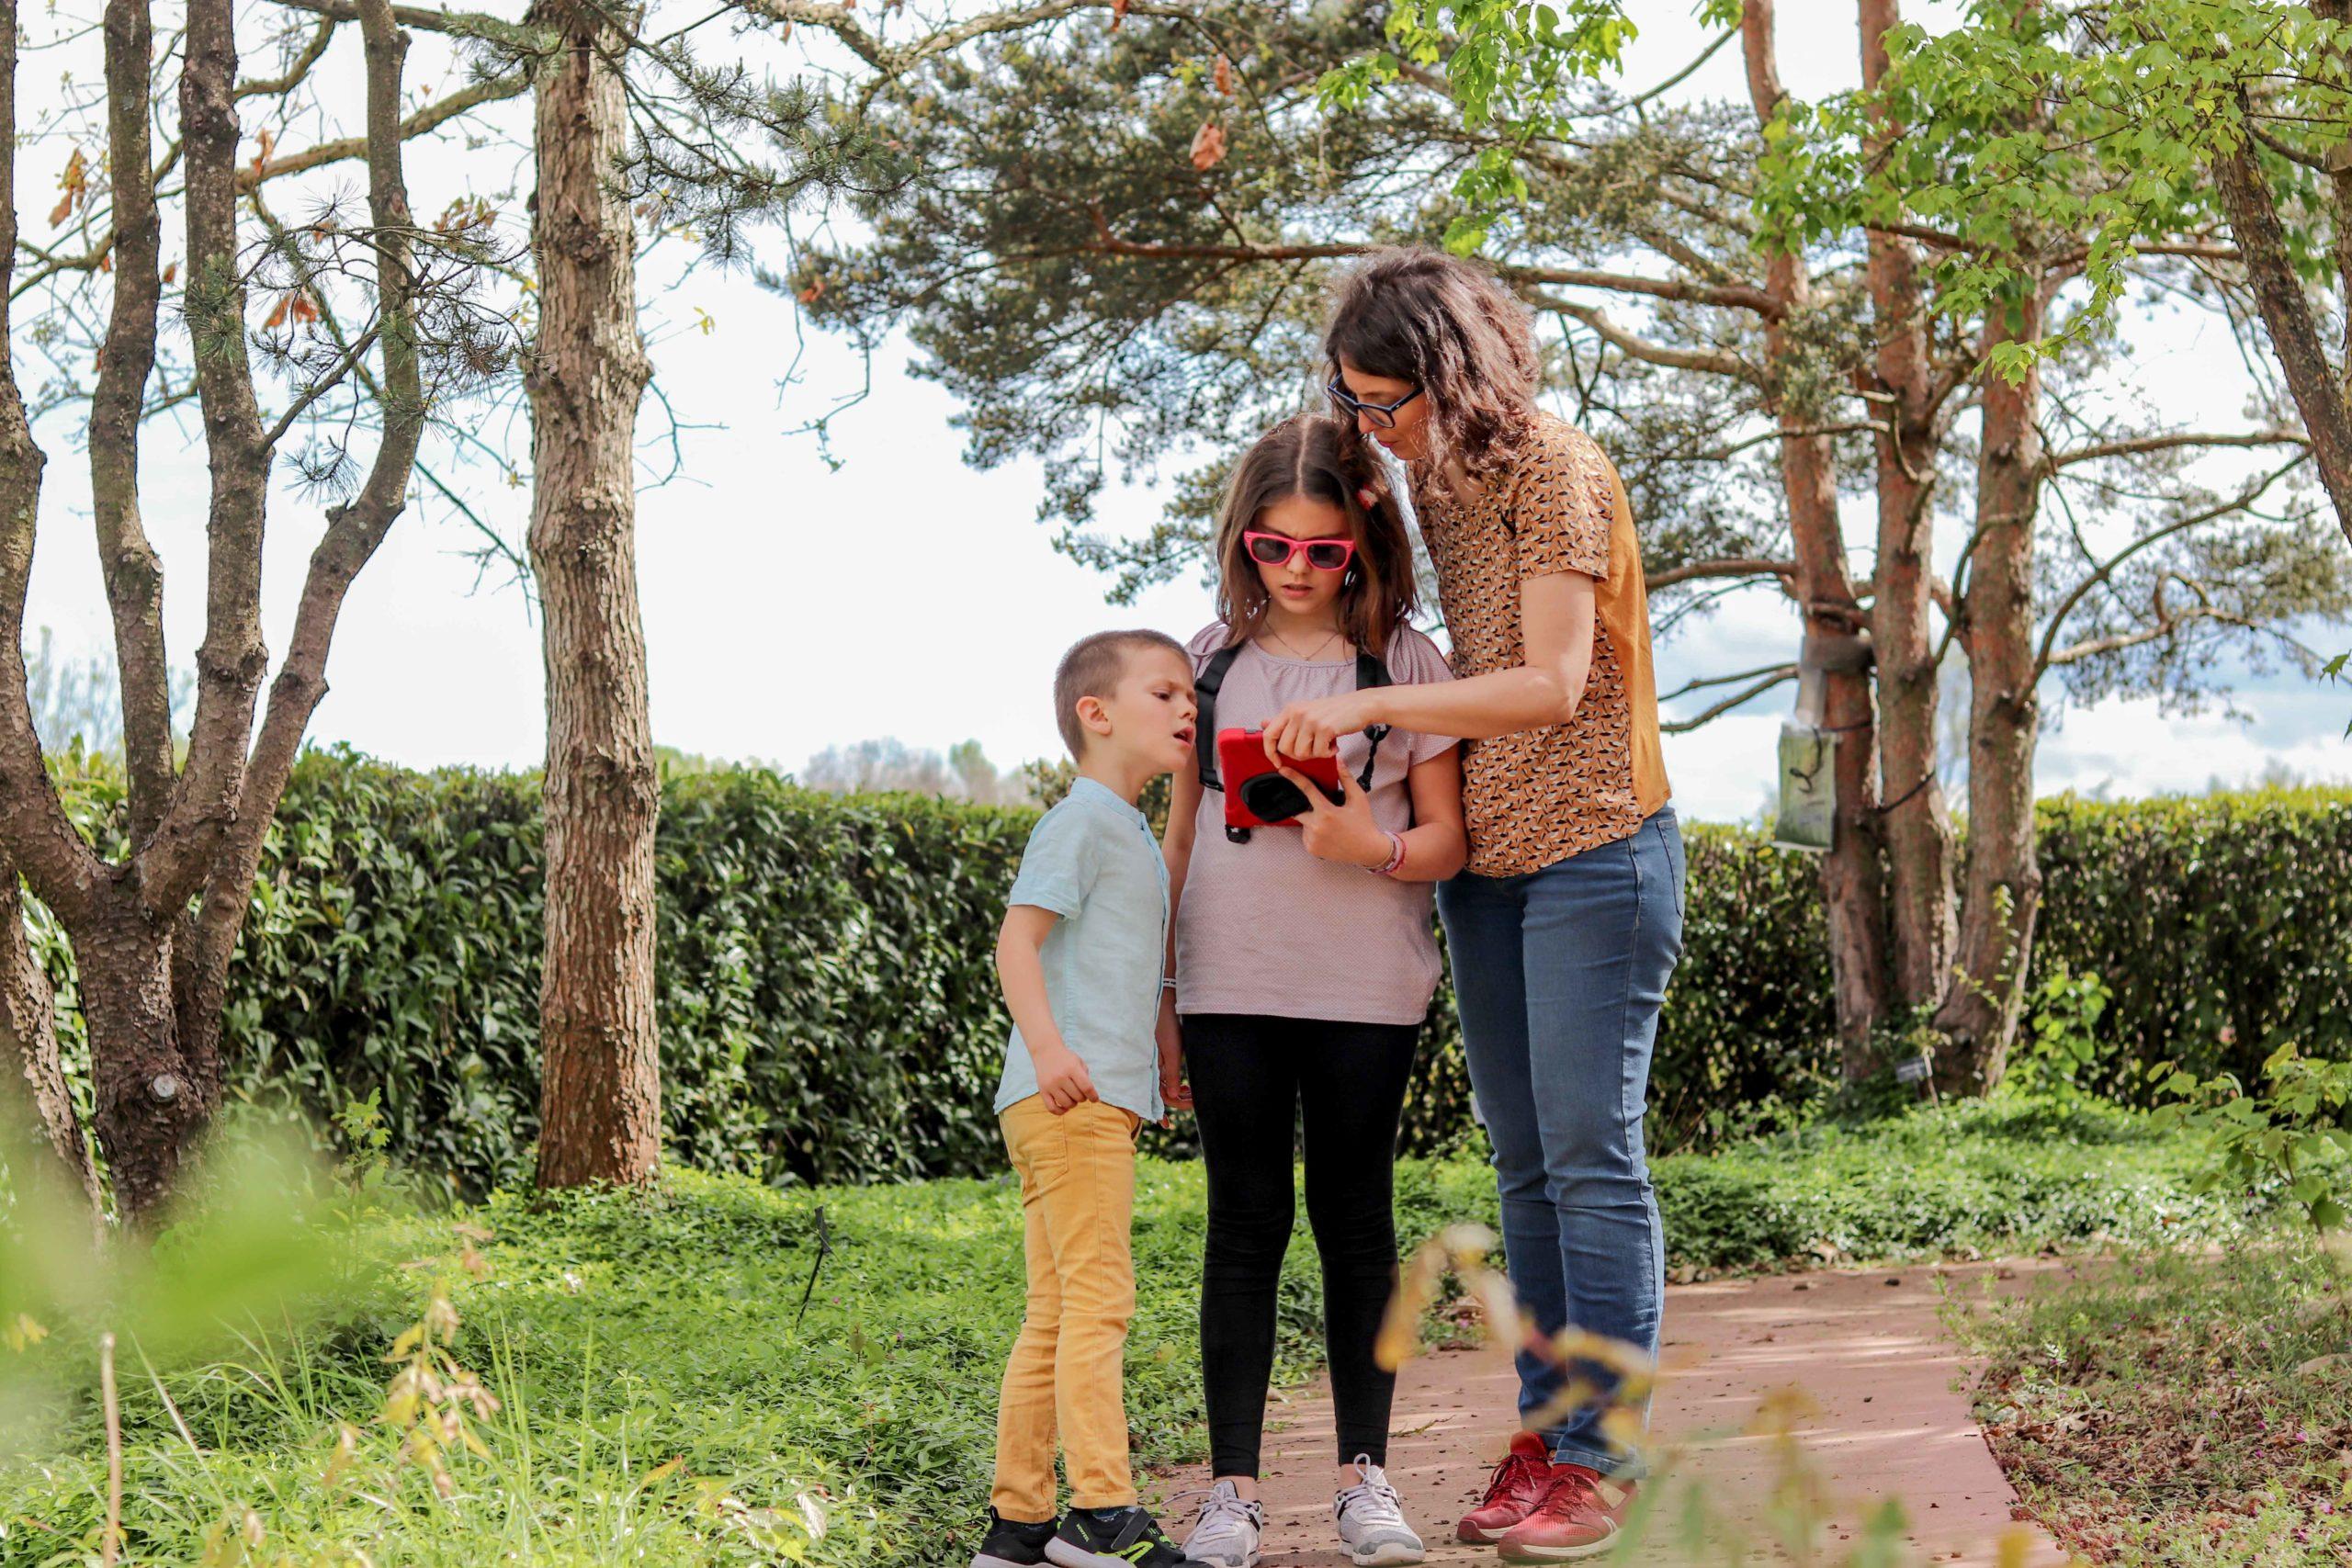 Le Hameau duboeuf en famille  Explor'games